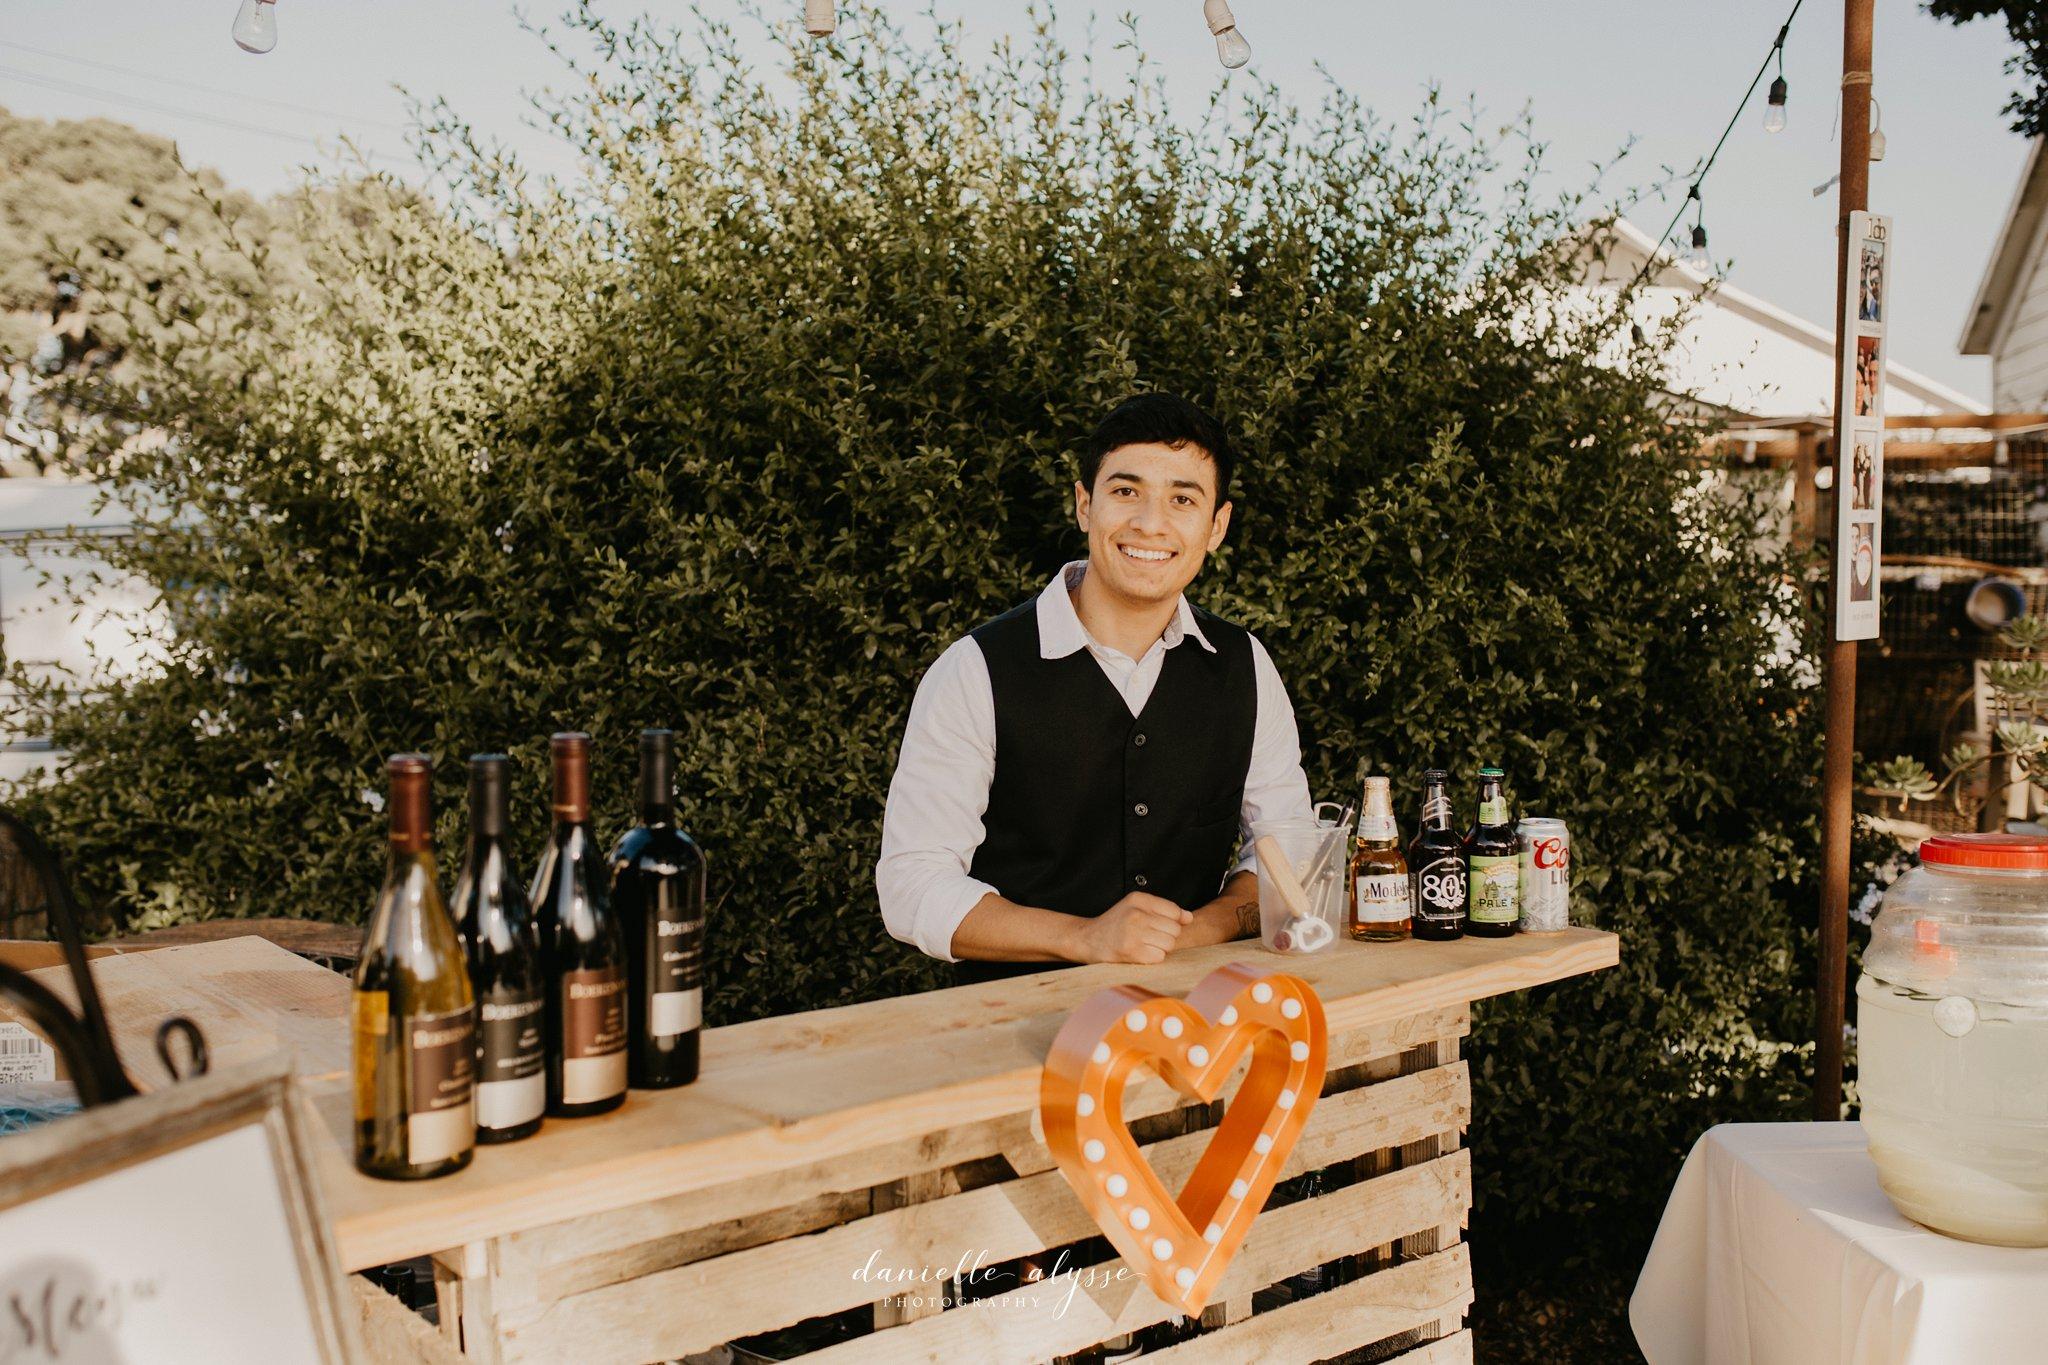 180630_wedding_lily_ryan_mission_soledad_california_danielle_alysse_photography_blog_848_WEB.jpg